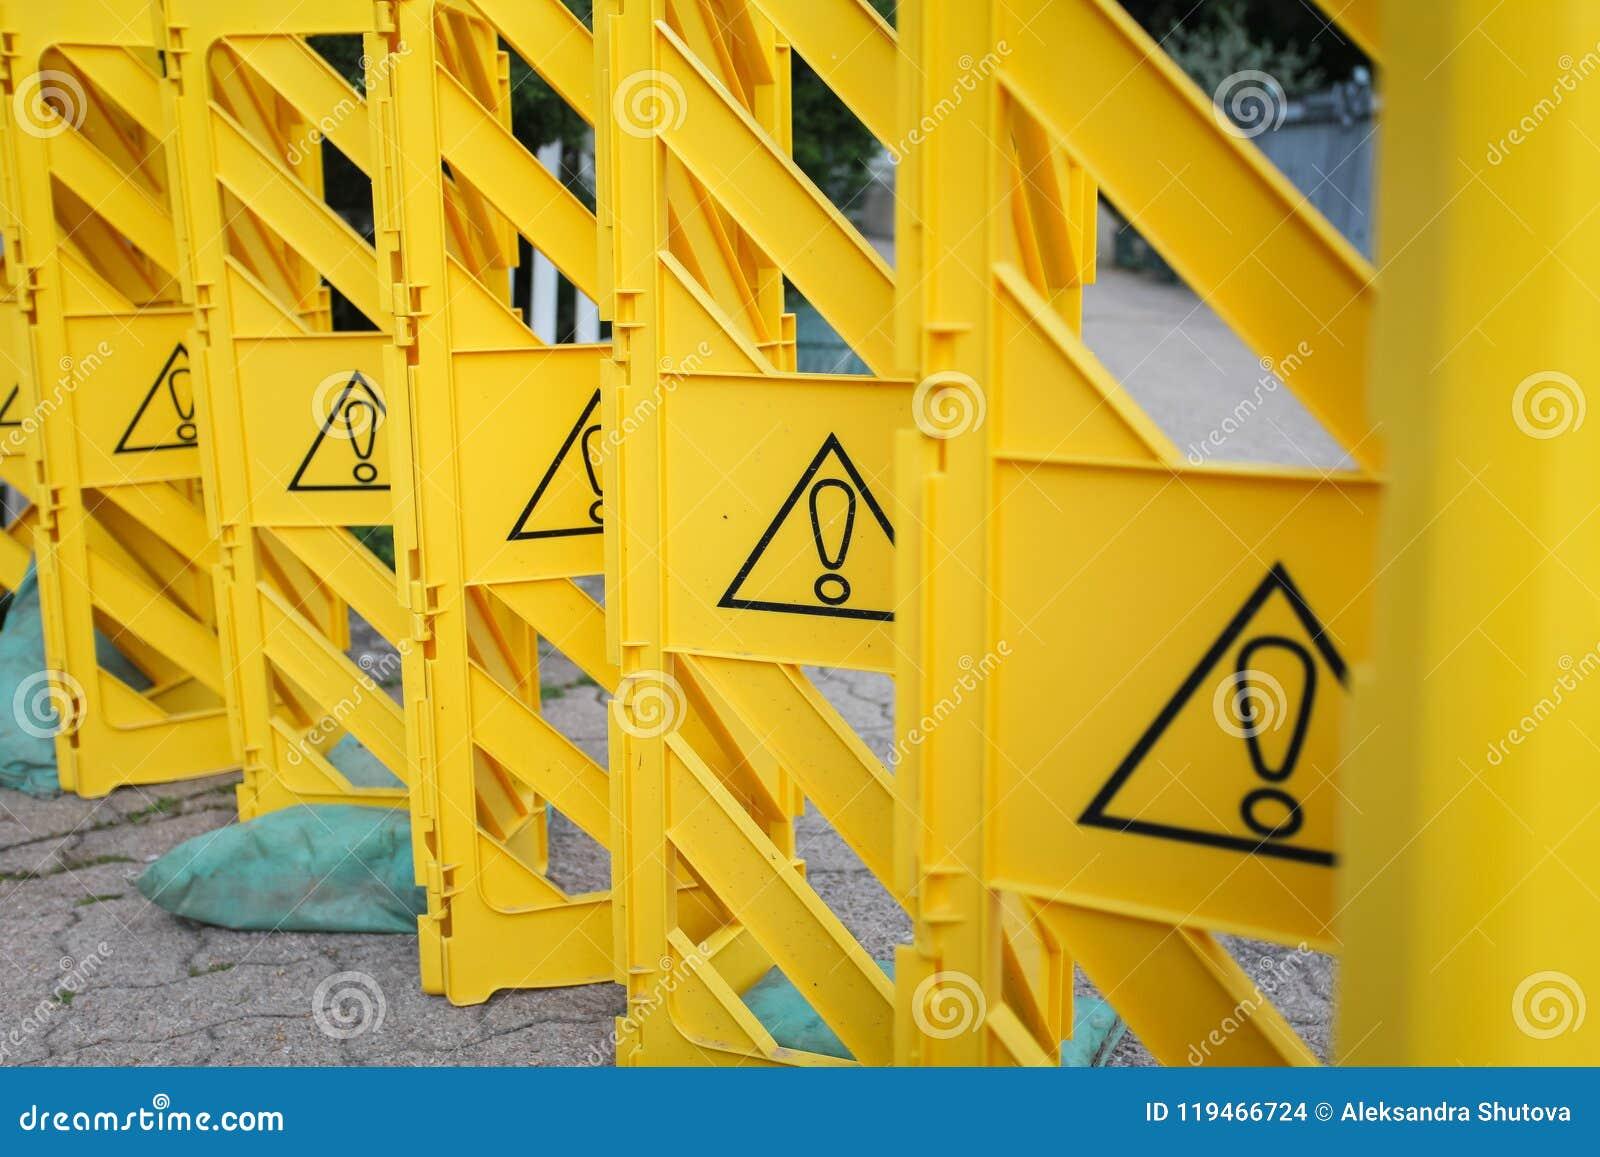 Gult plast- staket med utropstecken, begrepp av förbud, lönuppmärksamhet